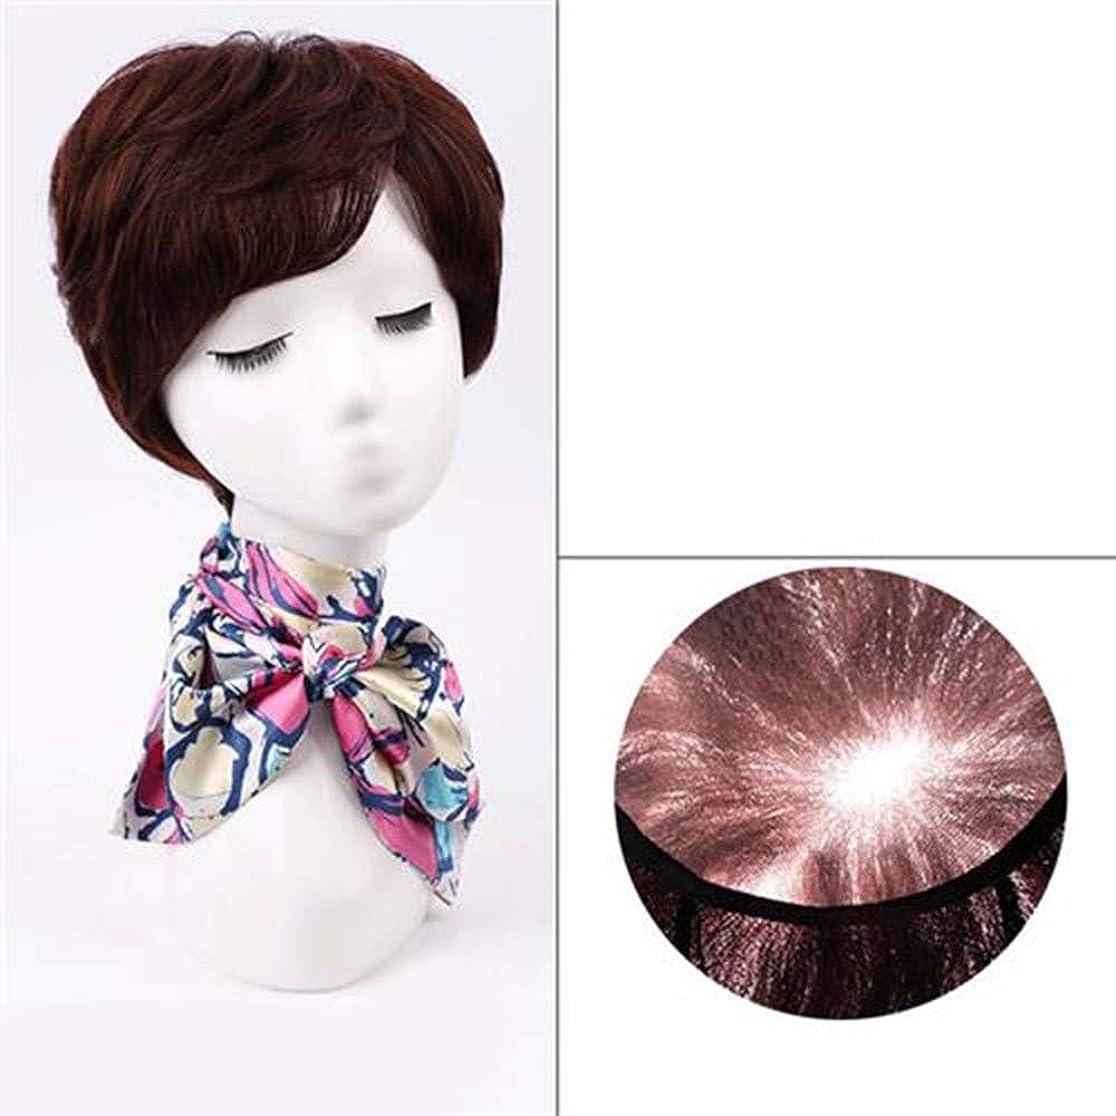 キッチンキャビン仕様Yrattary 女性のファッションかつらのための前髪付き天然毛エクステンション短く本物の毛髪のかつら (Color : Natural black)